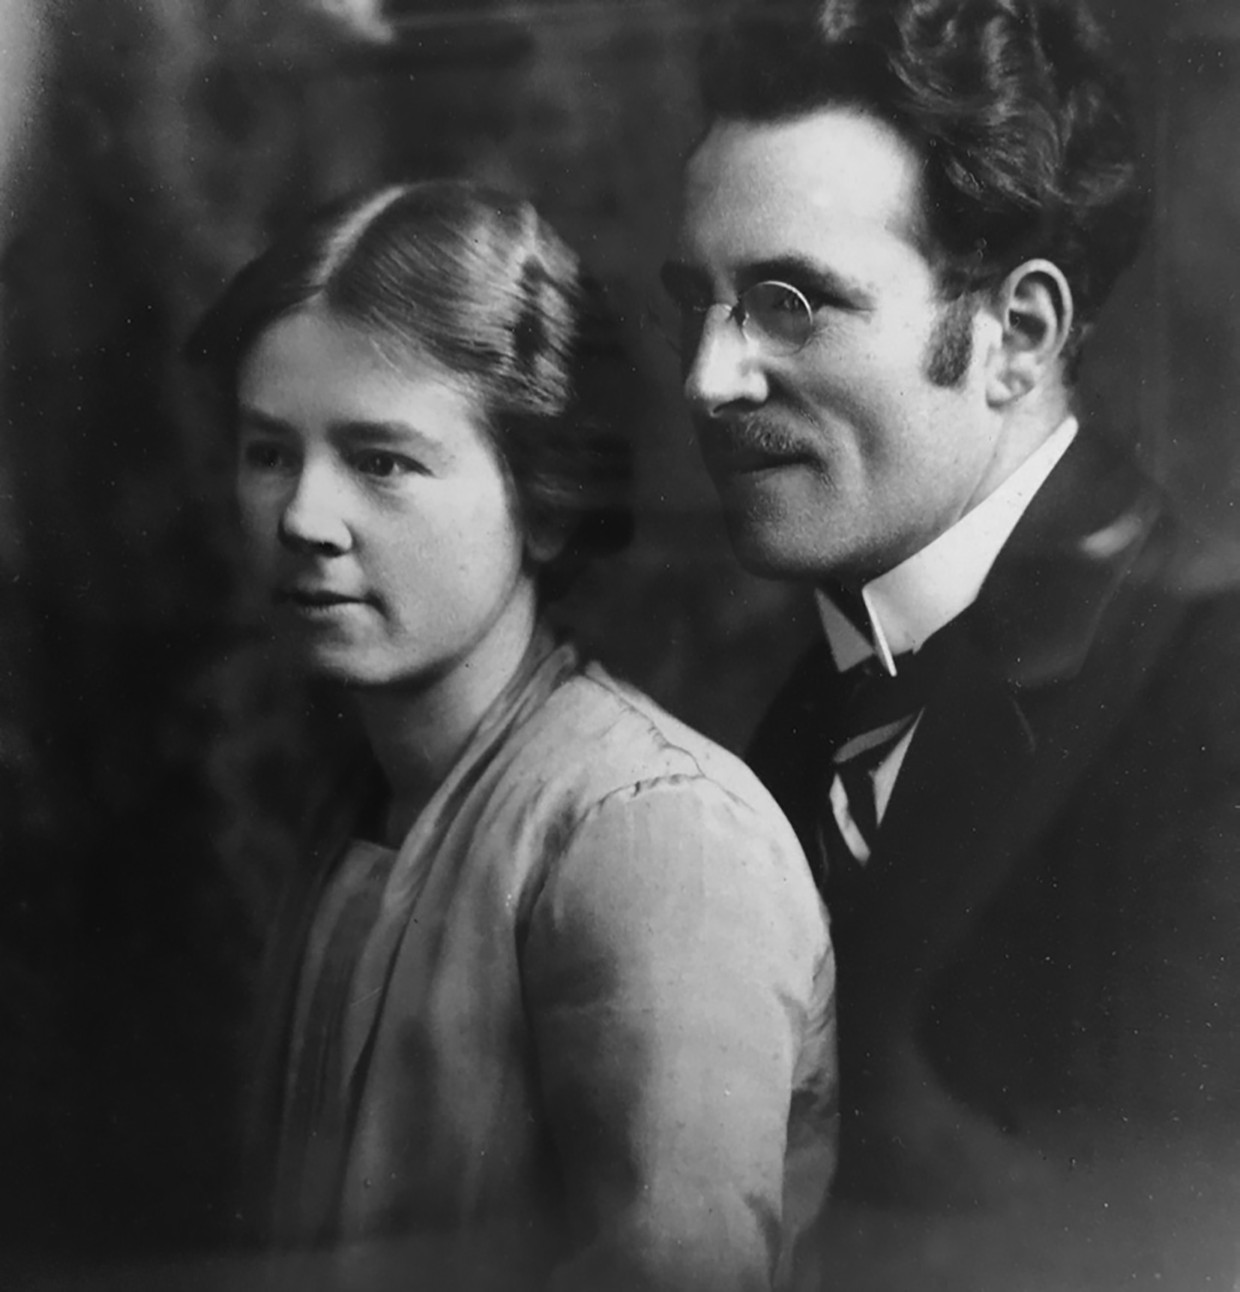 Willem Verhulst en zijn tweede echtgenote, Hermina Wijers. Later zullen de SS'er en zijn pacifistische Mientje 'met getrokken messen tegenover elkaar staan'. Beeld RV